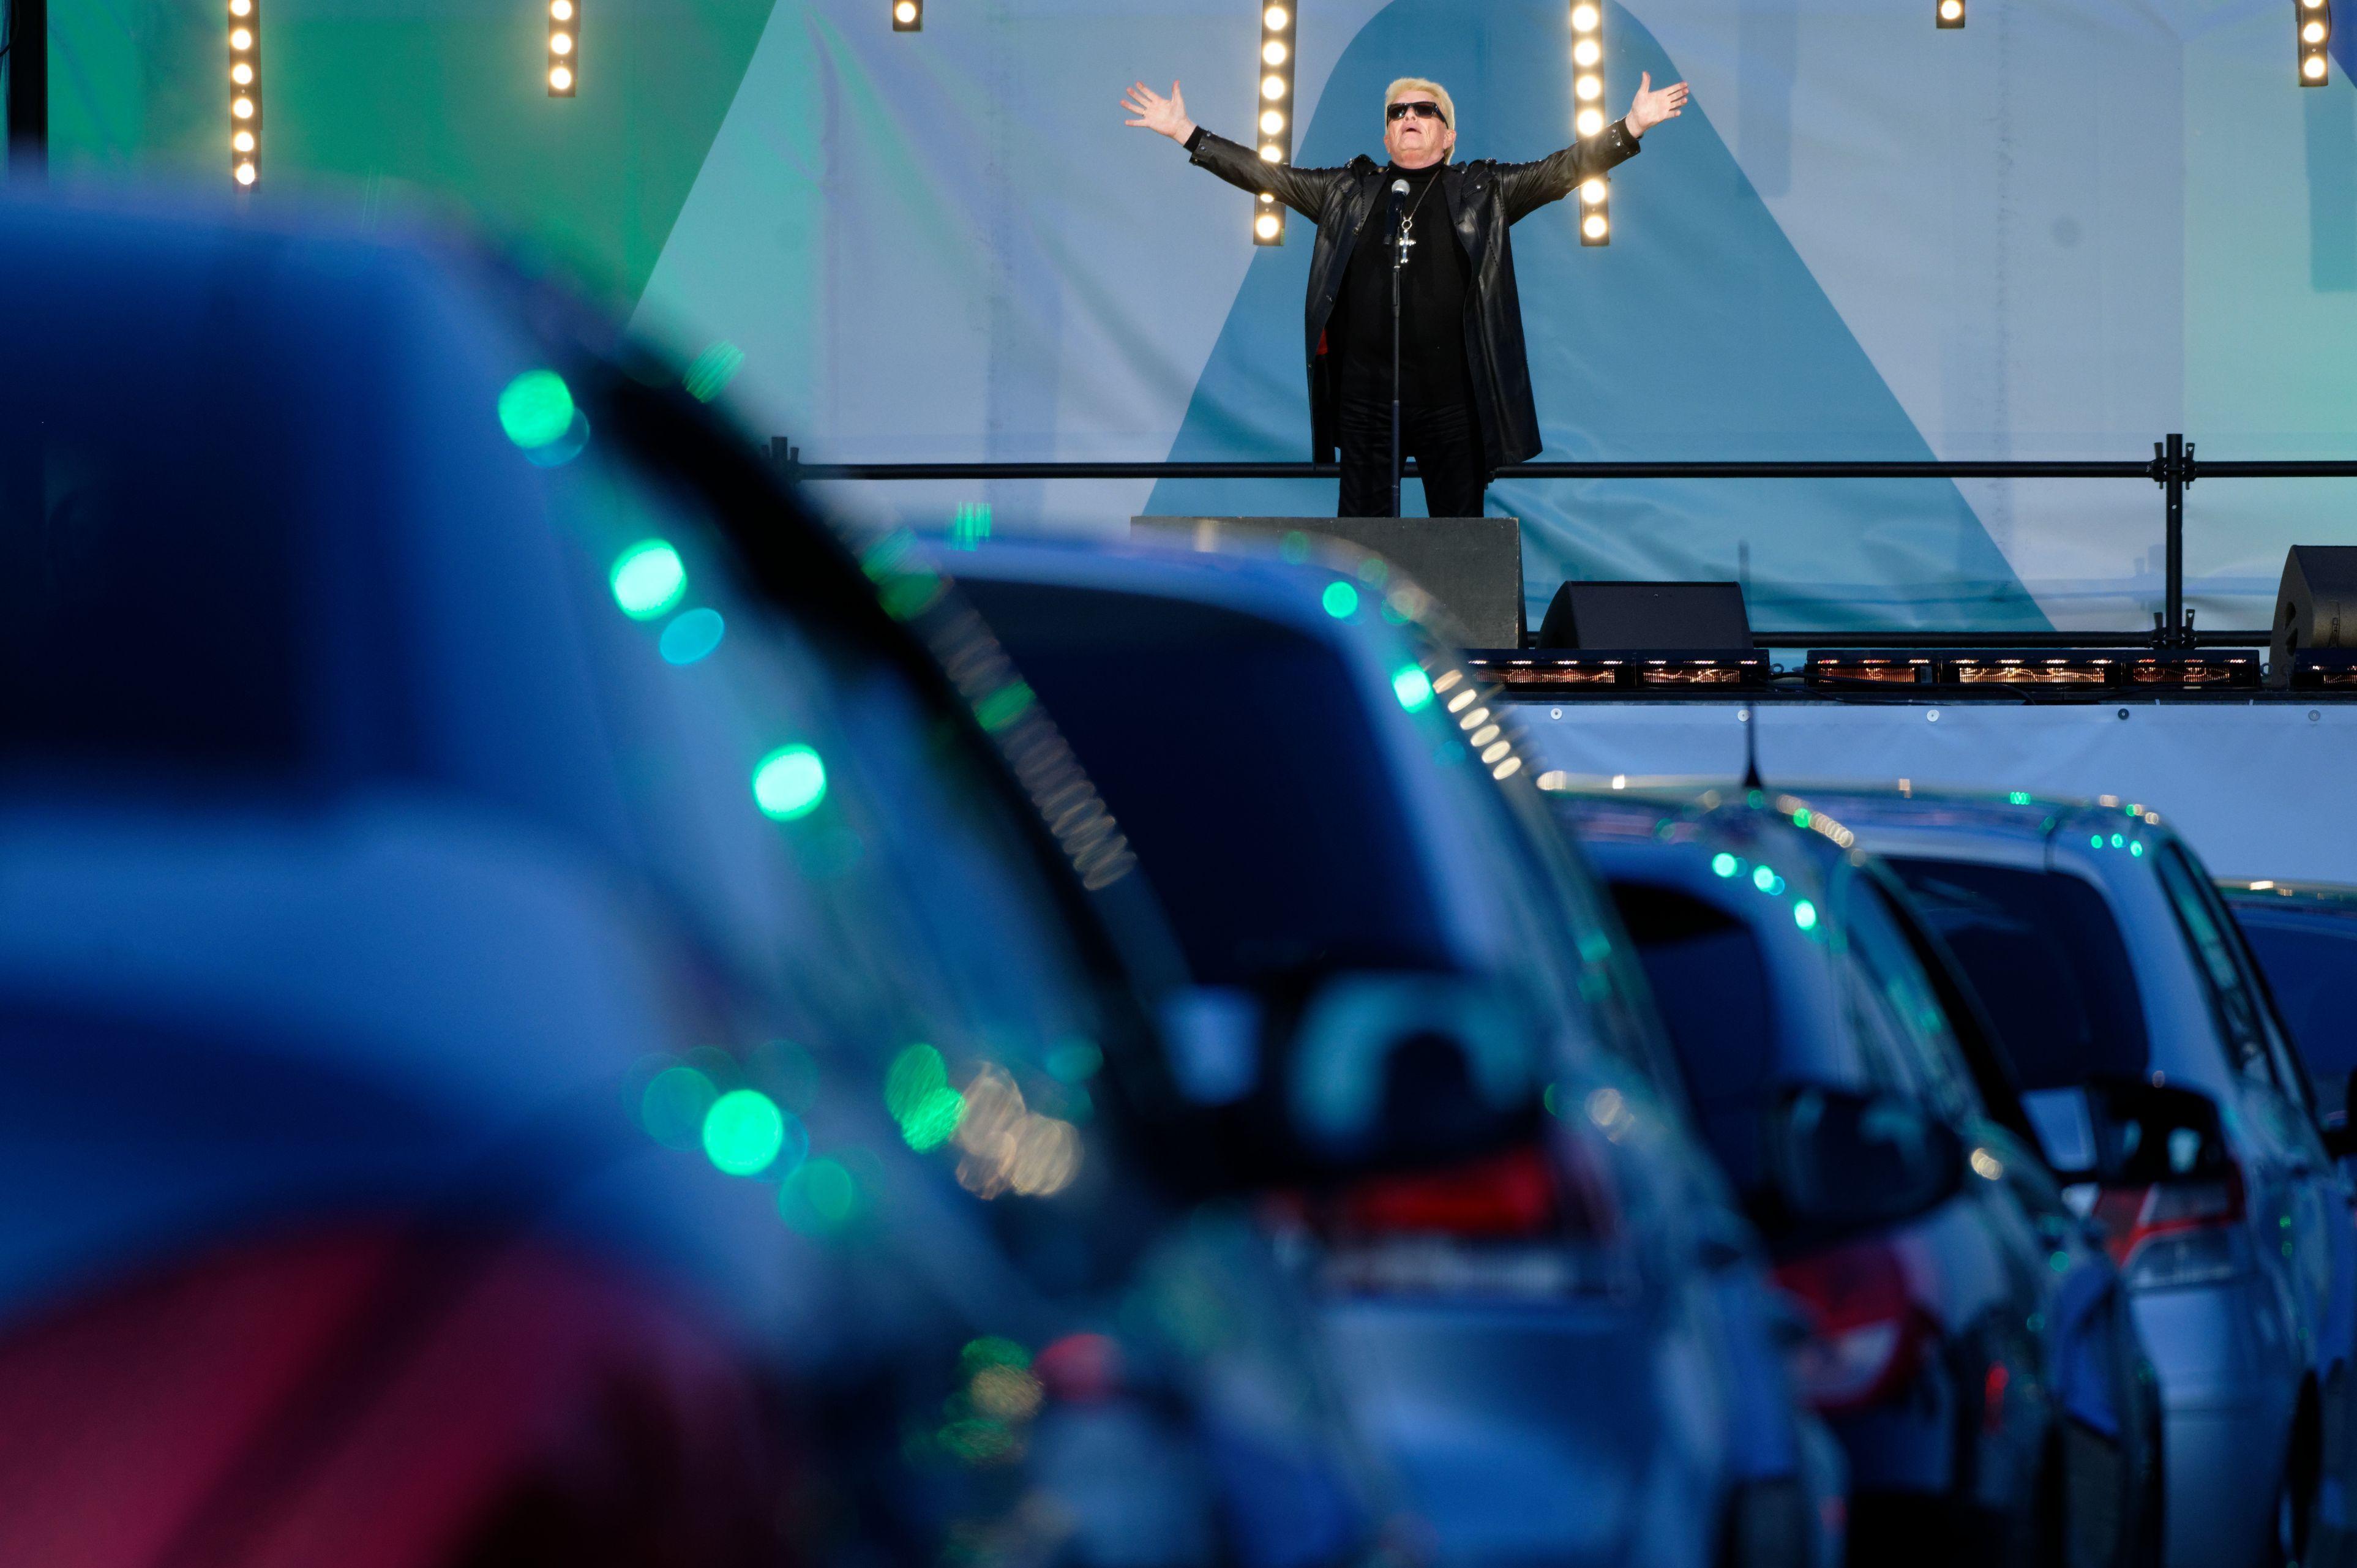 Vedetele nu pot sta departe de scenă! Cel mai mare concert drive-in din România. Când și unde va avea loc?